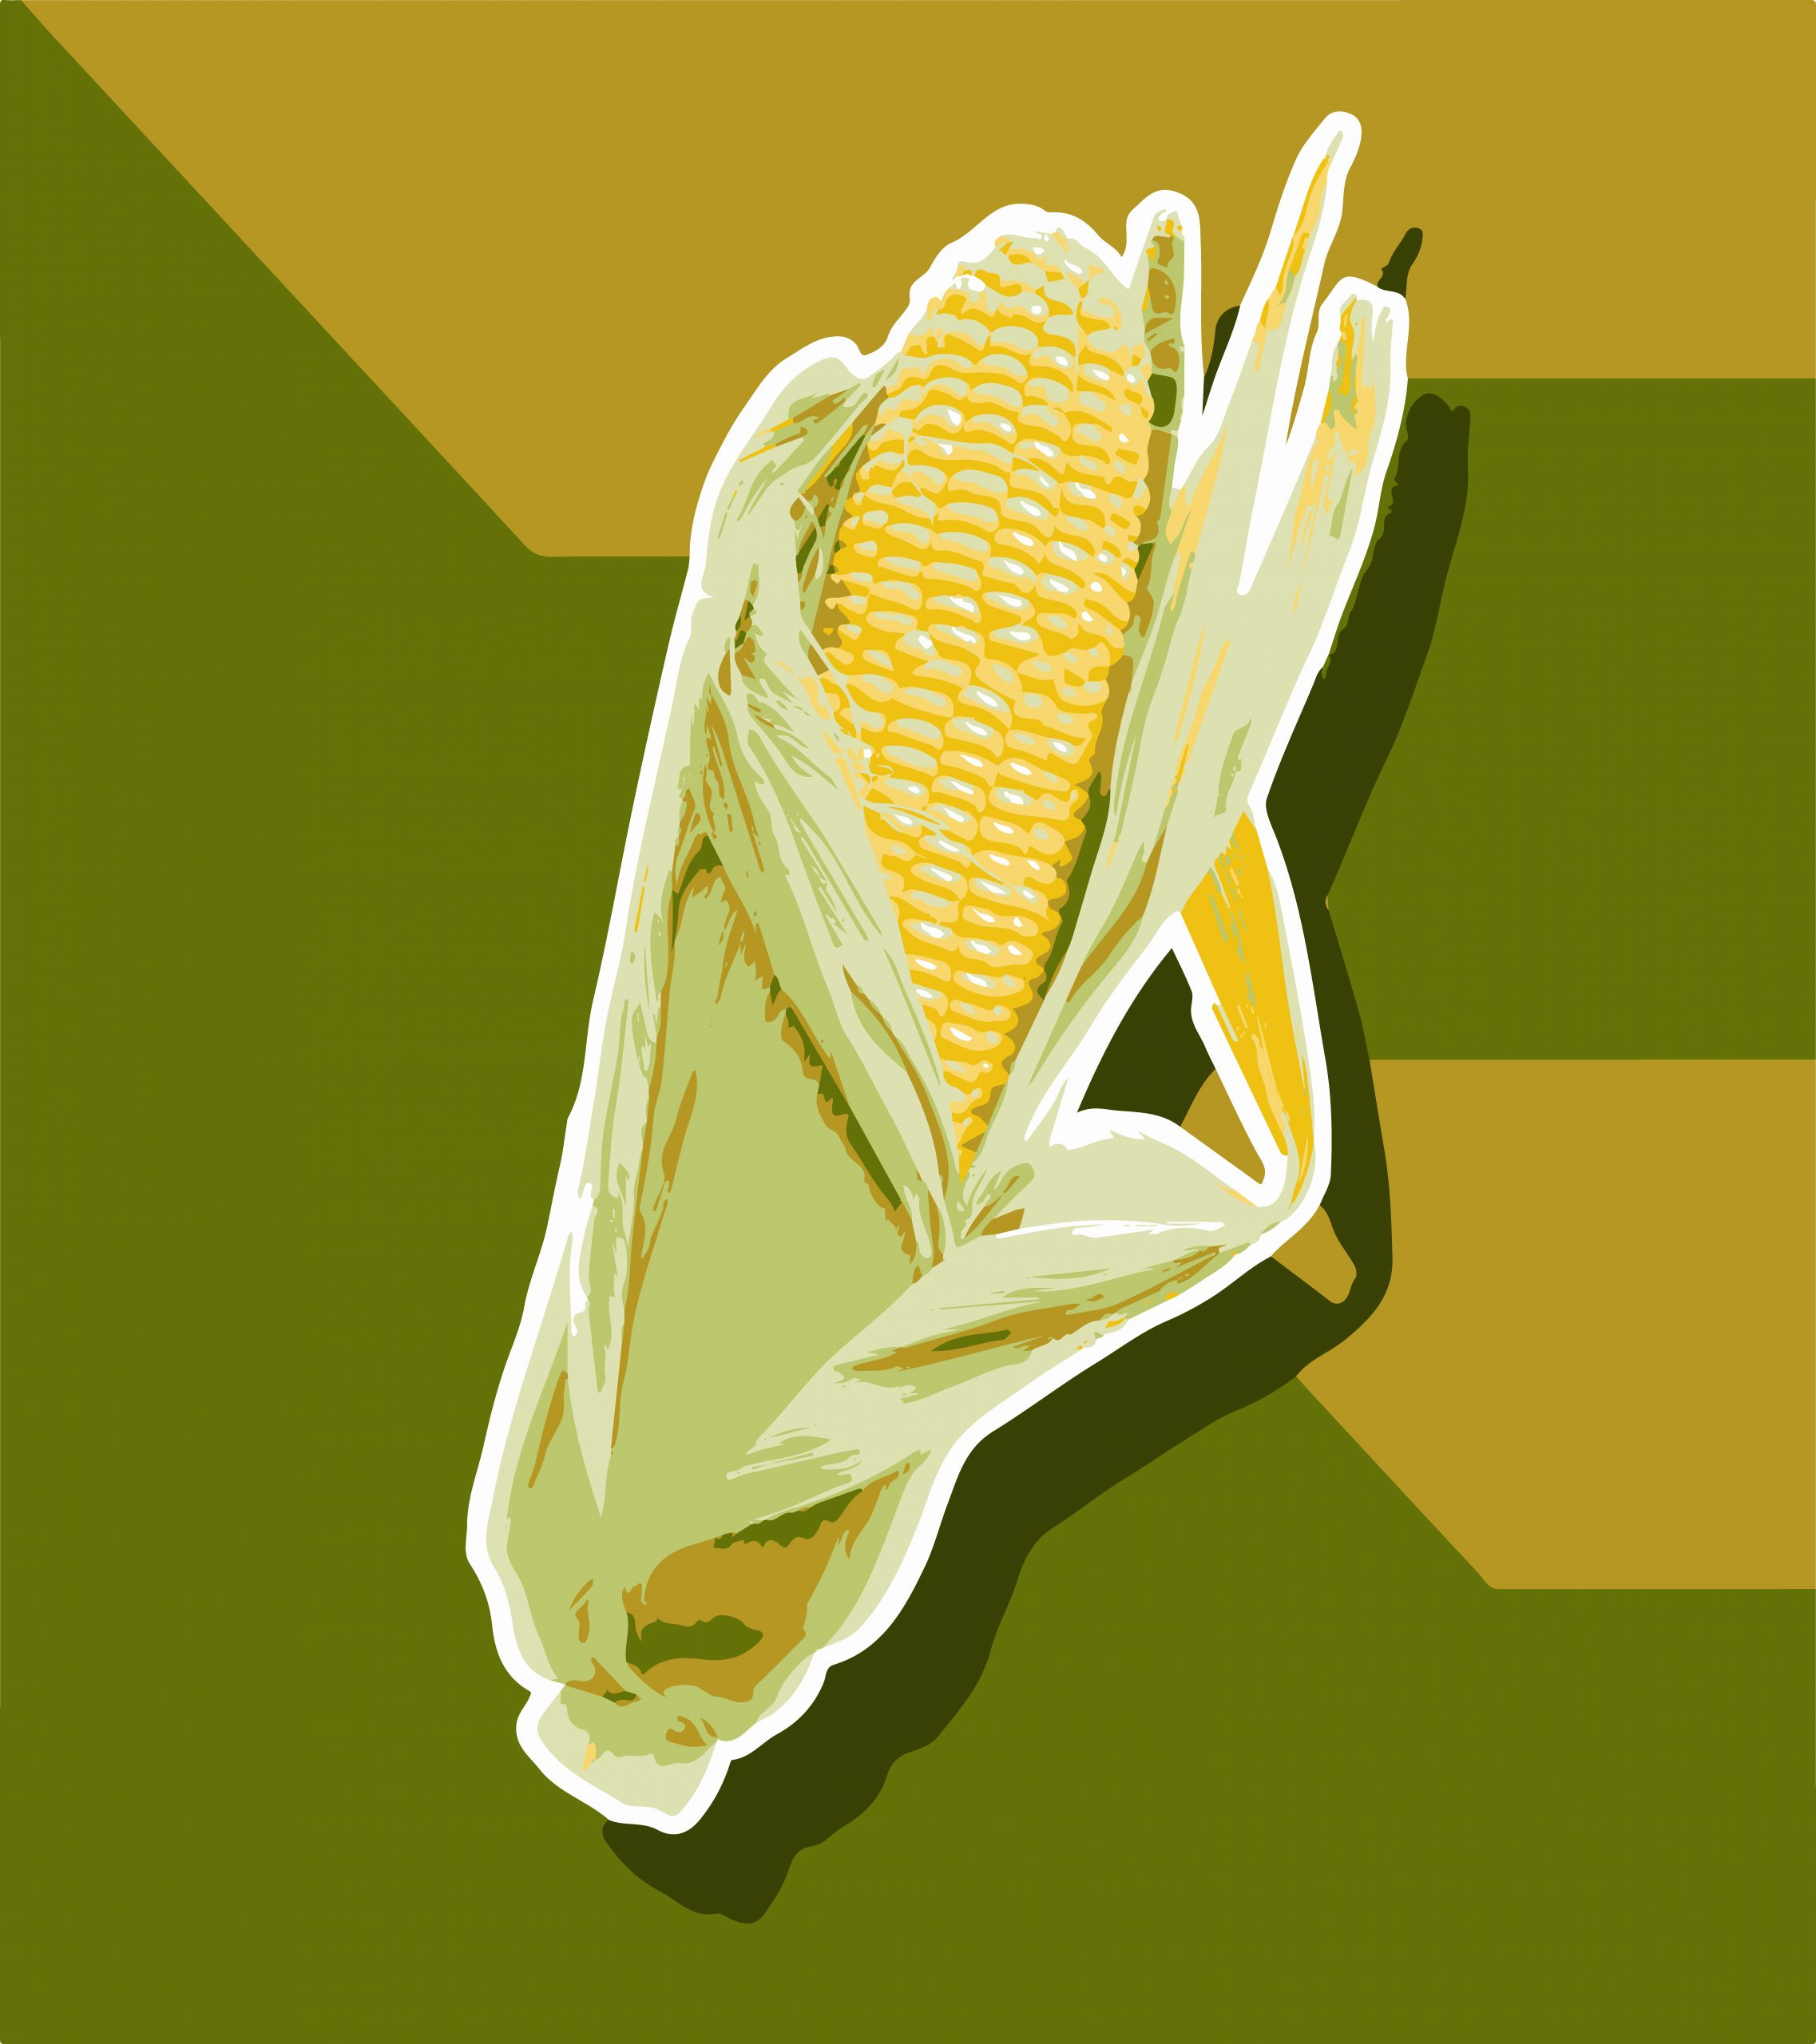 A corn cob